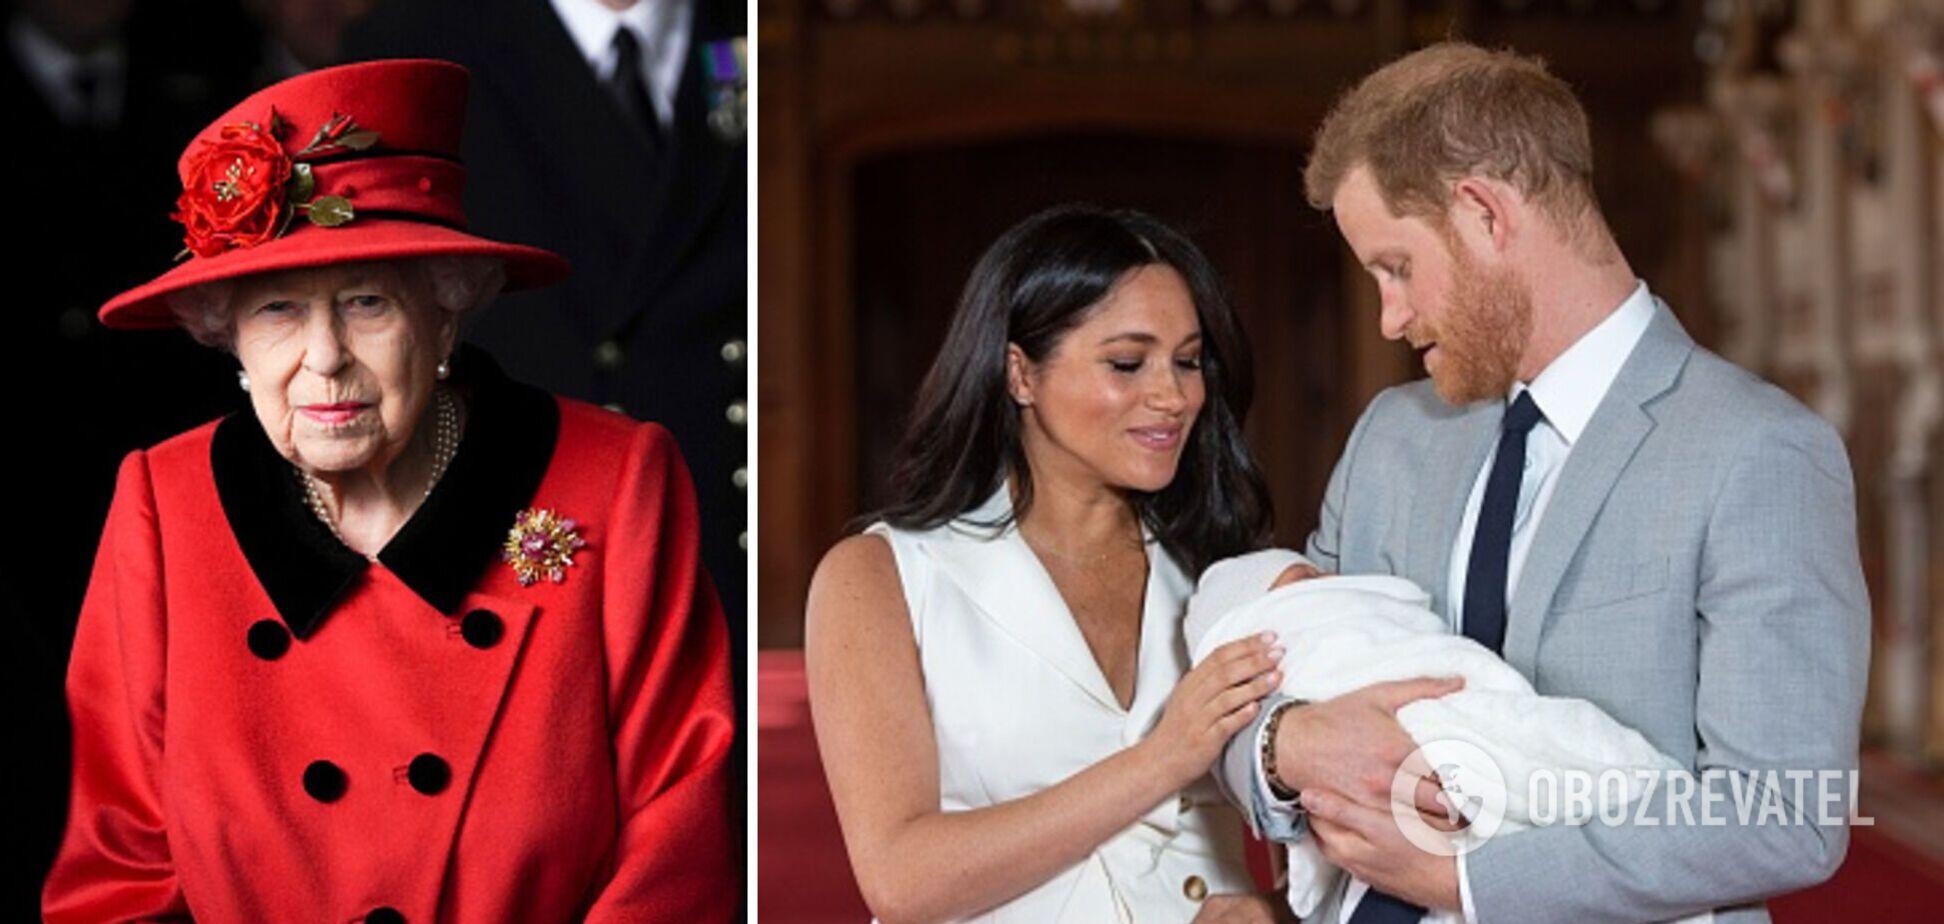 Принц Гарри и Меган Маркл могут назвать имя расиста из королевской семьи